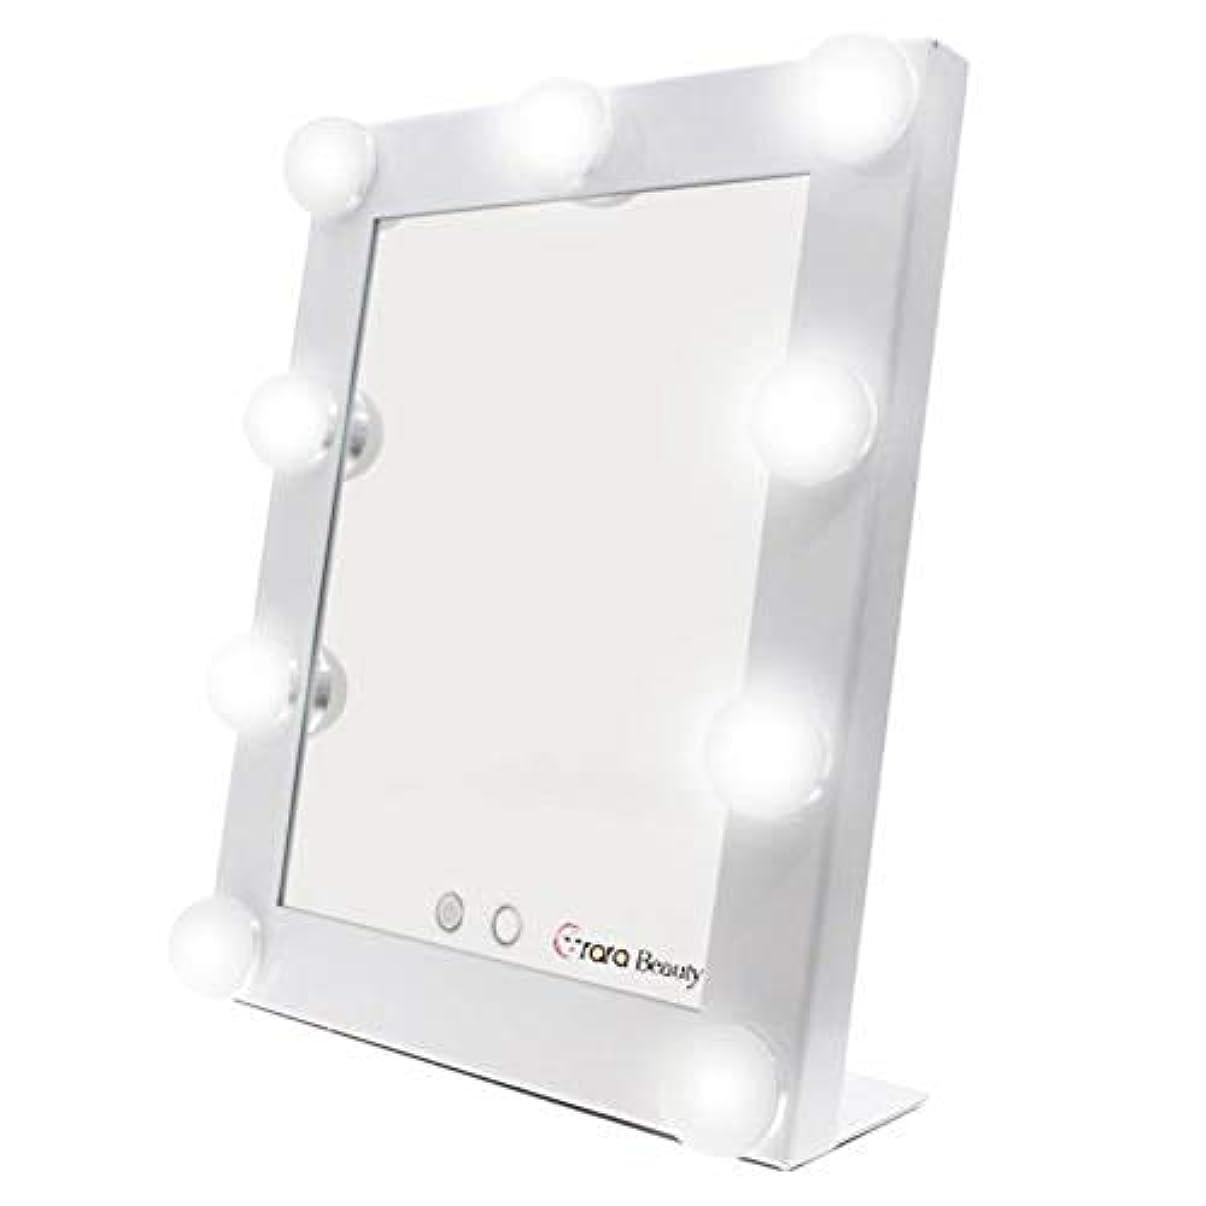 交通渋滞暫定かかわらずlily's JP home 化粧鏡 女優ミラー 化粧ミラー メイクアップミラー LEDライト付き ハリウッド式 9*3WLED電球付き 2way給電タイプ 卓上ミラー (ホワイト)